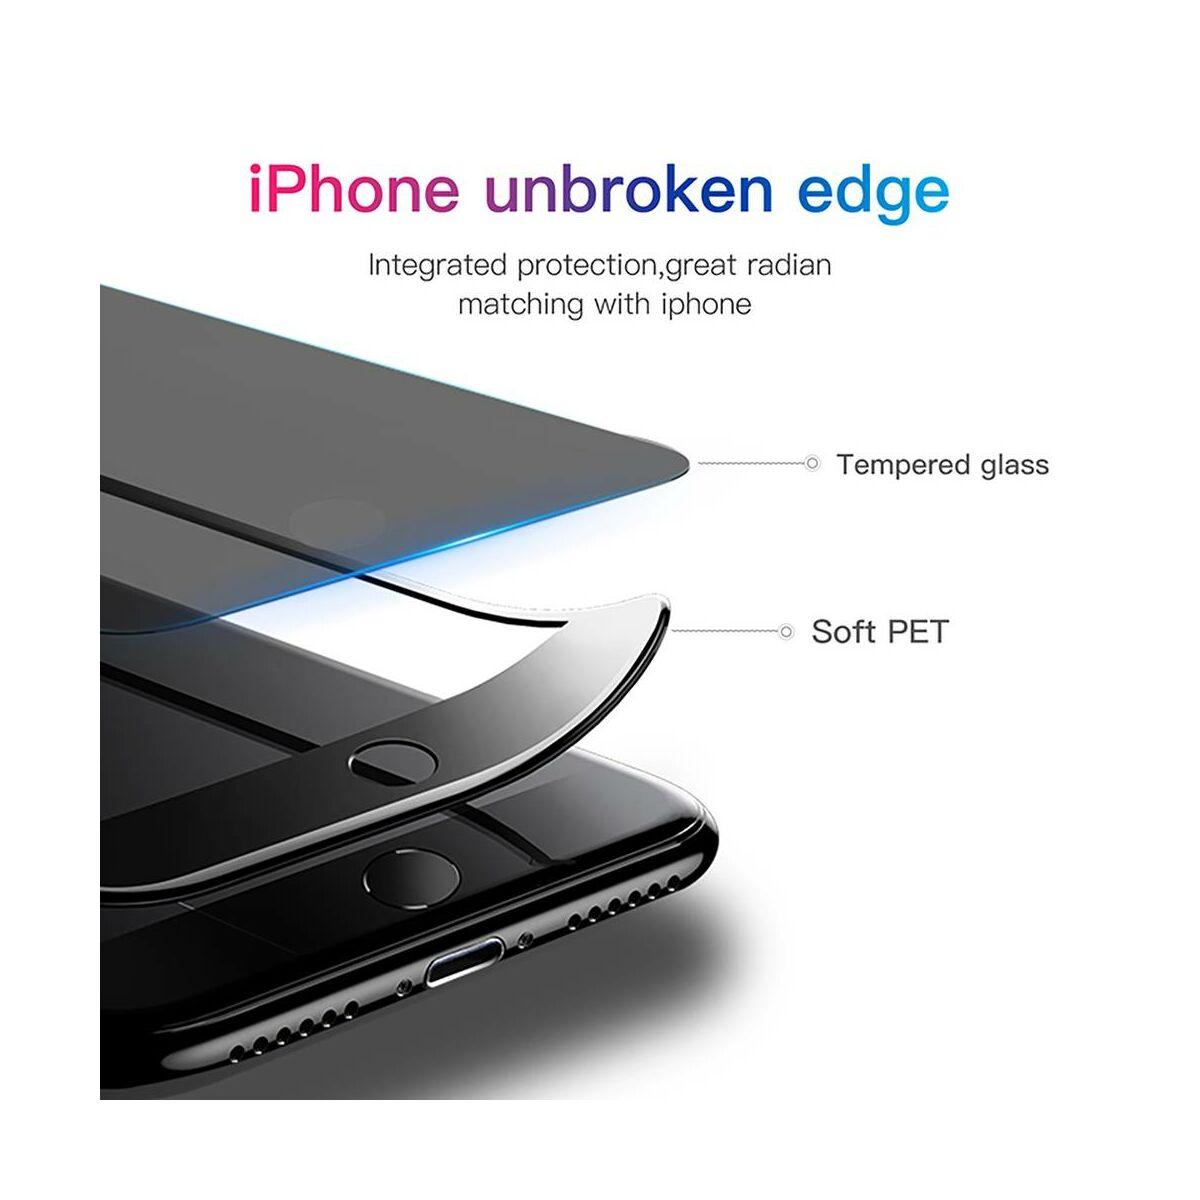 Baseus iPhone 8/7 0.23 mm, teljes felületre edzett üveg, törésálló élek, betekintés védelemmel, fekete (SGAPIPH8N-ATG01)